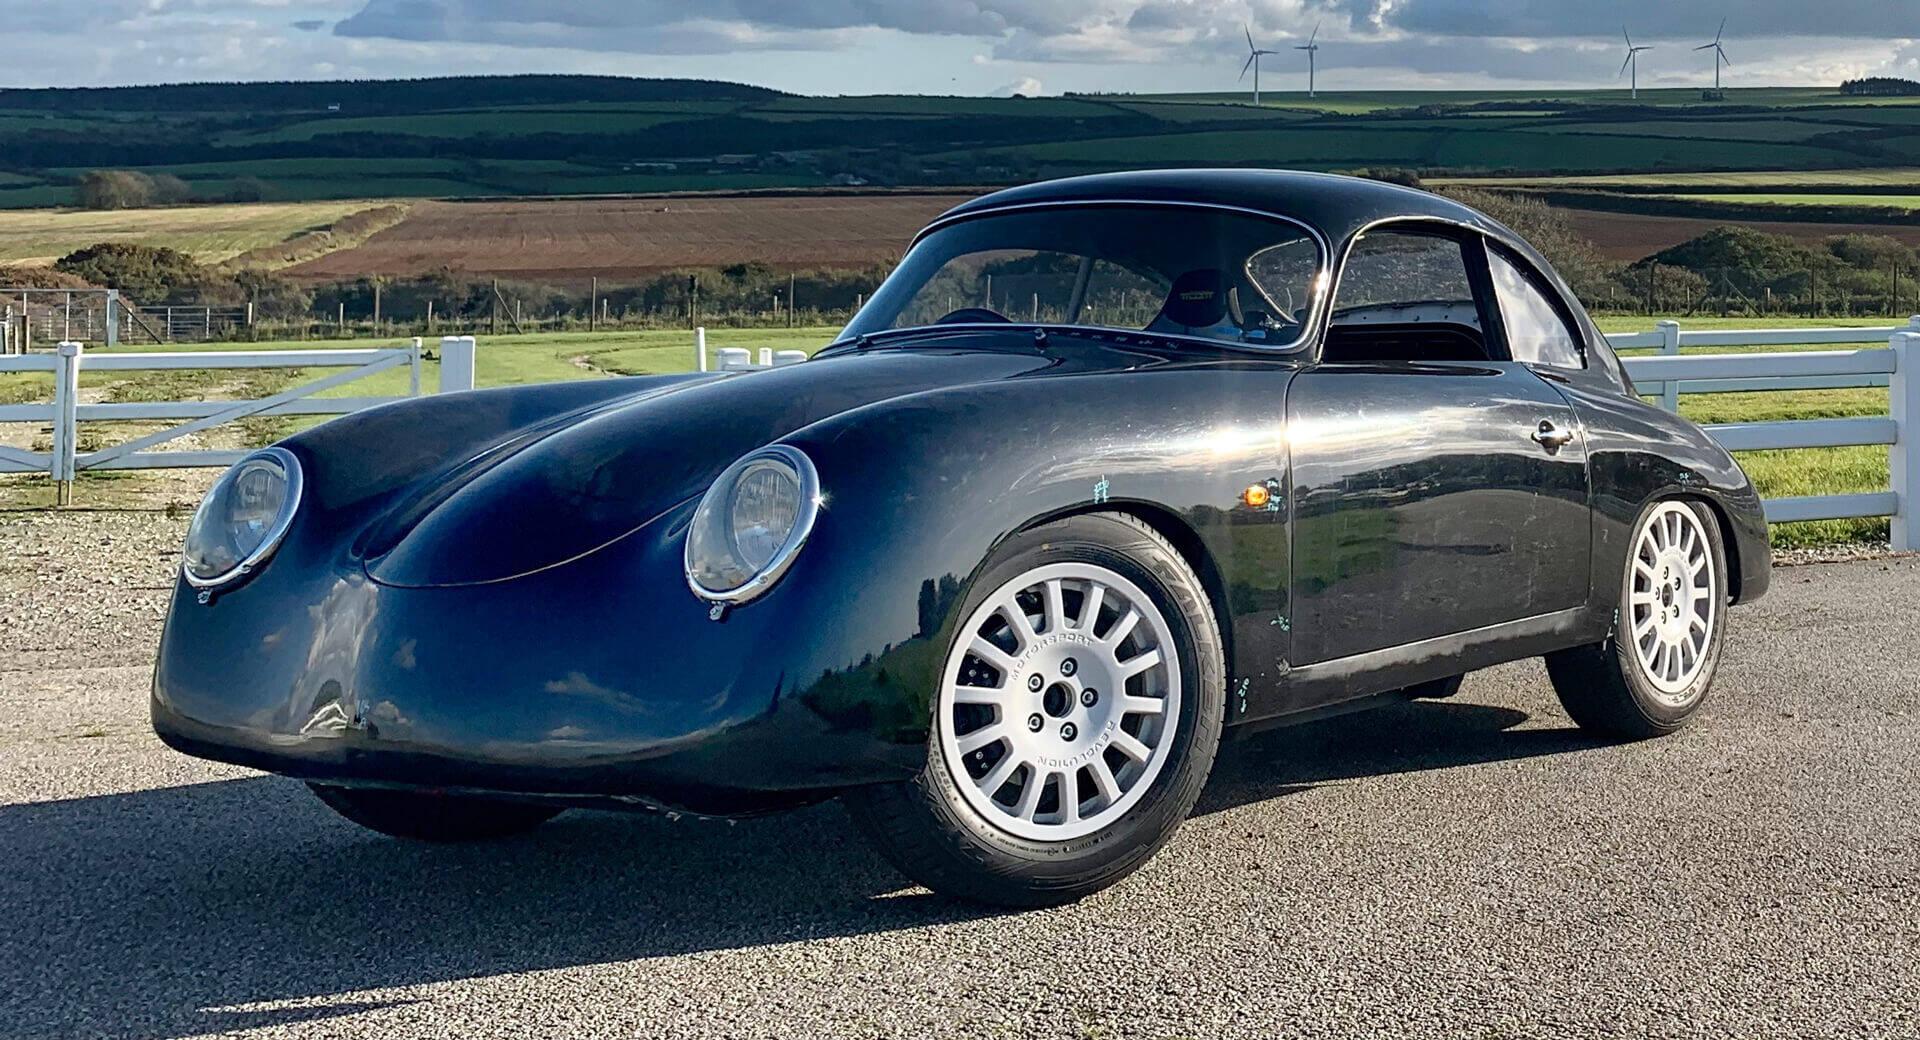 Empresa britânica revela carro elétrico com cara de Porsche dos anos 1950